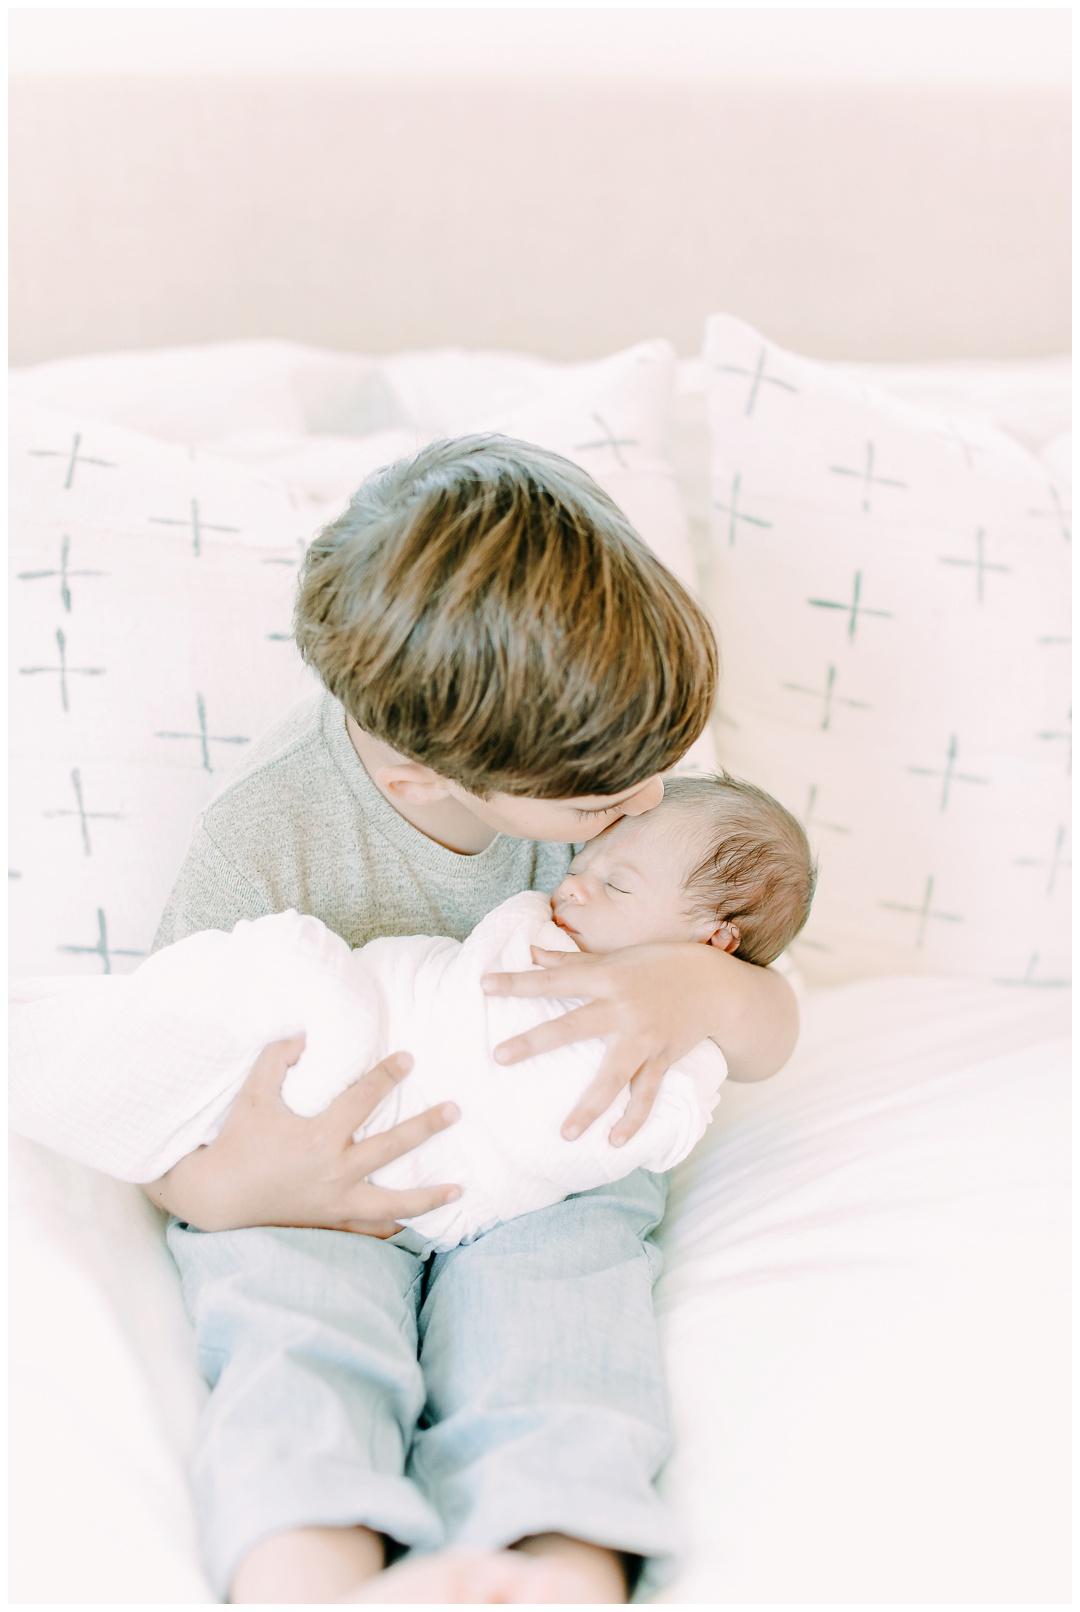 Newport_Beach_Newborn_Photographer_In-home_Newborn_Photography_Cori_Kleckner_Photography_The_Pirro_Family_Jessica_Pirro__1099.jpg